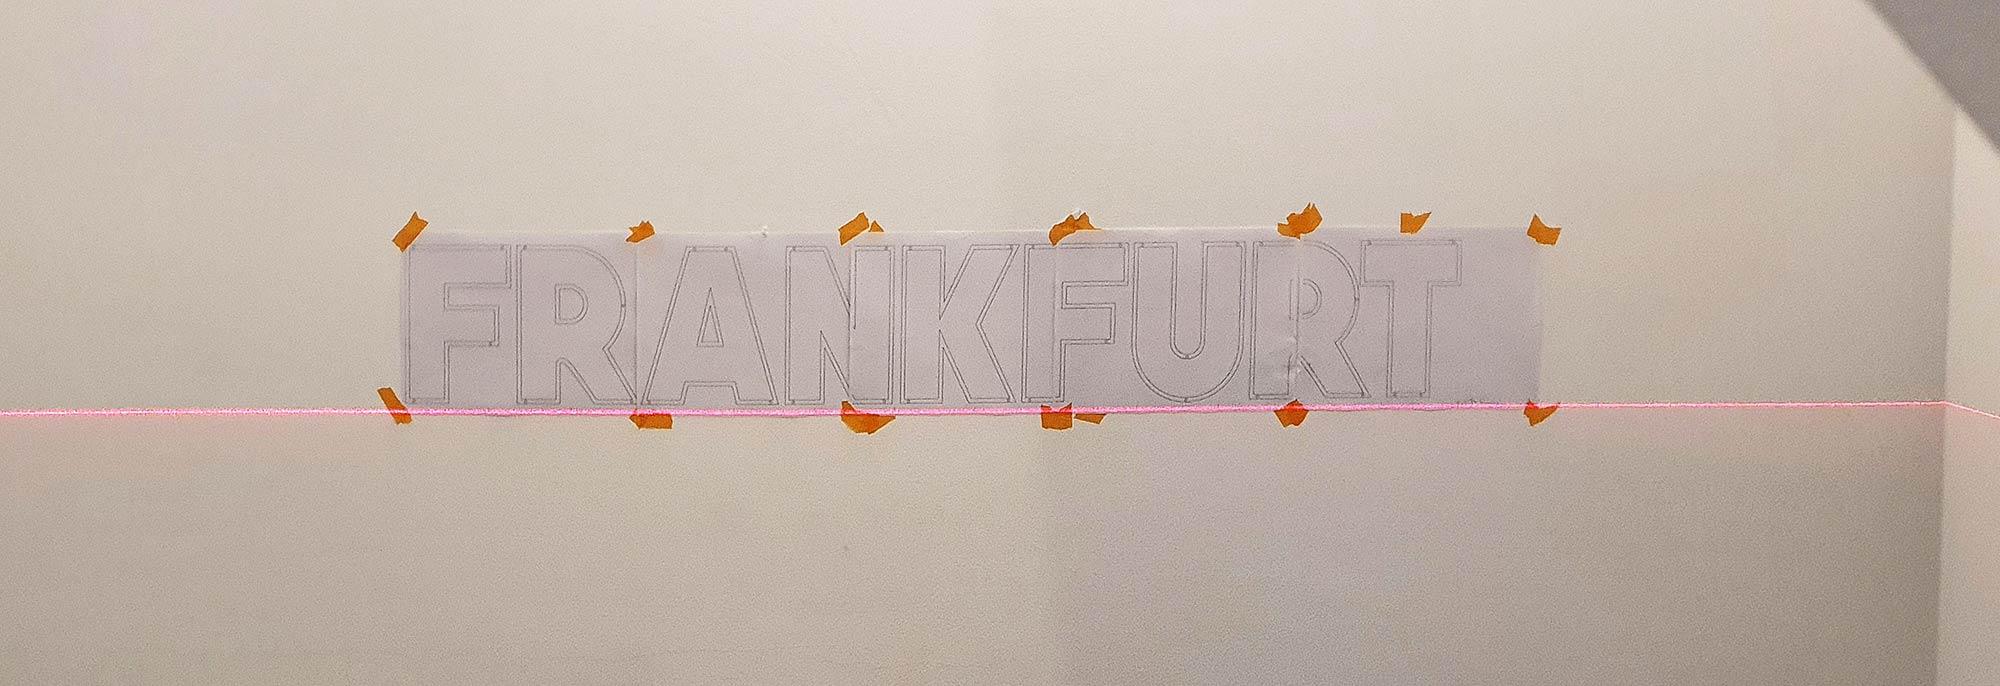 Frankfurt Schrift Montage